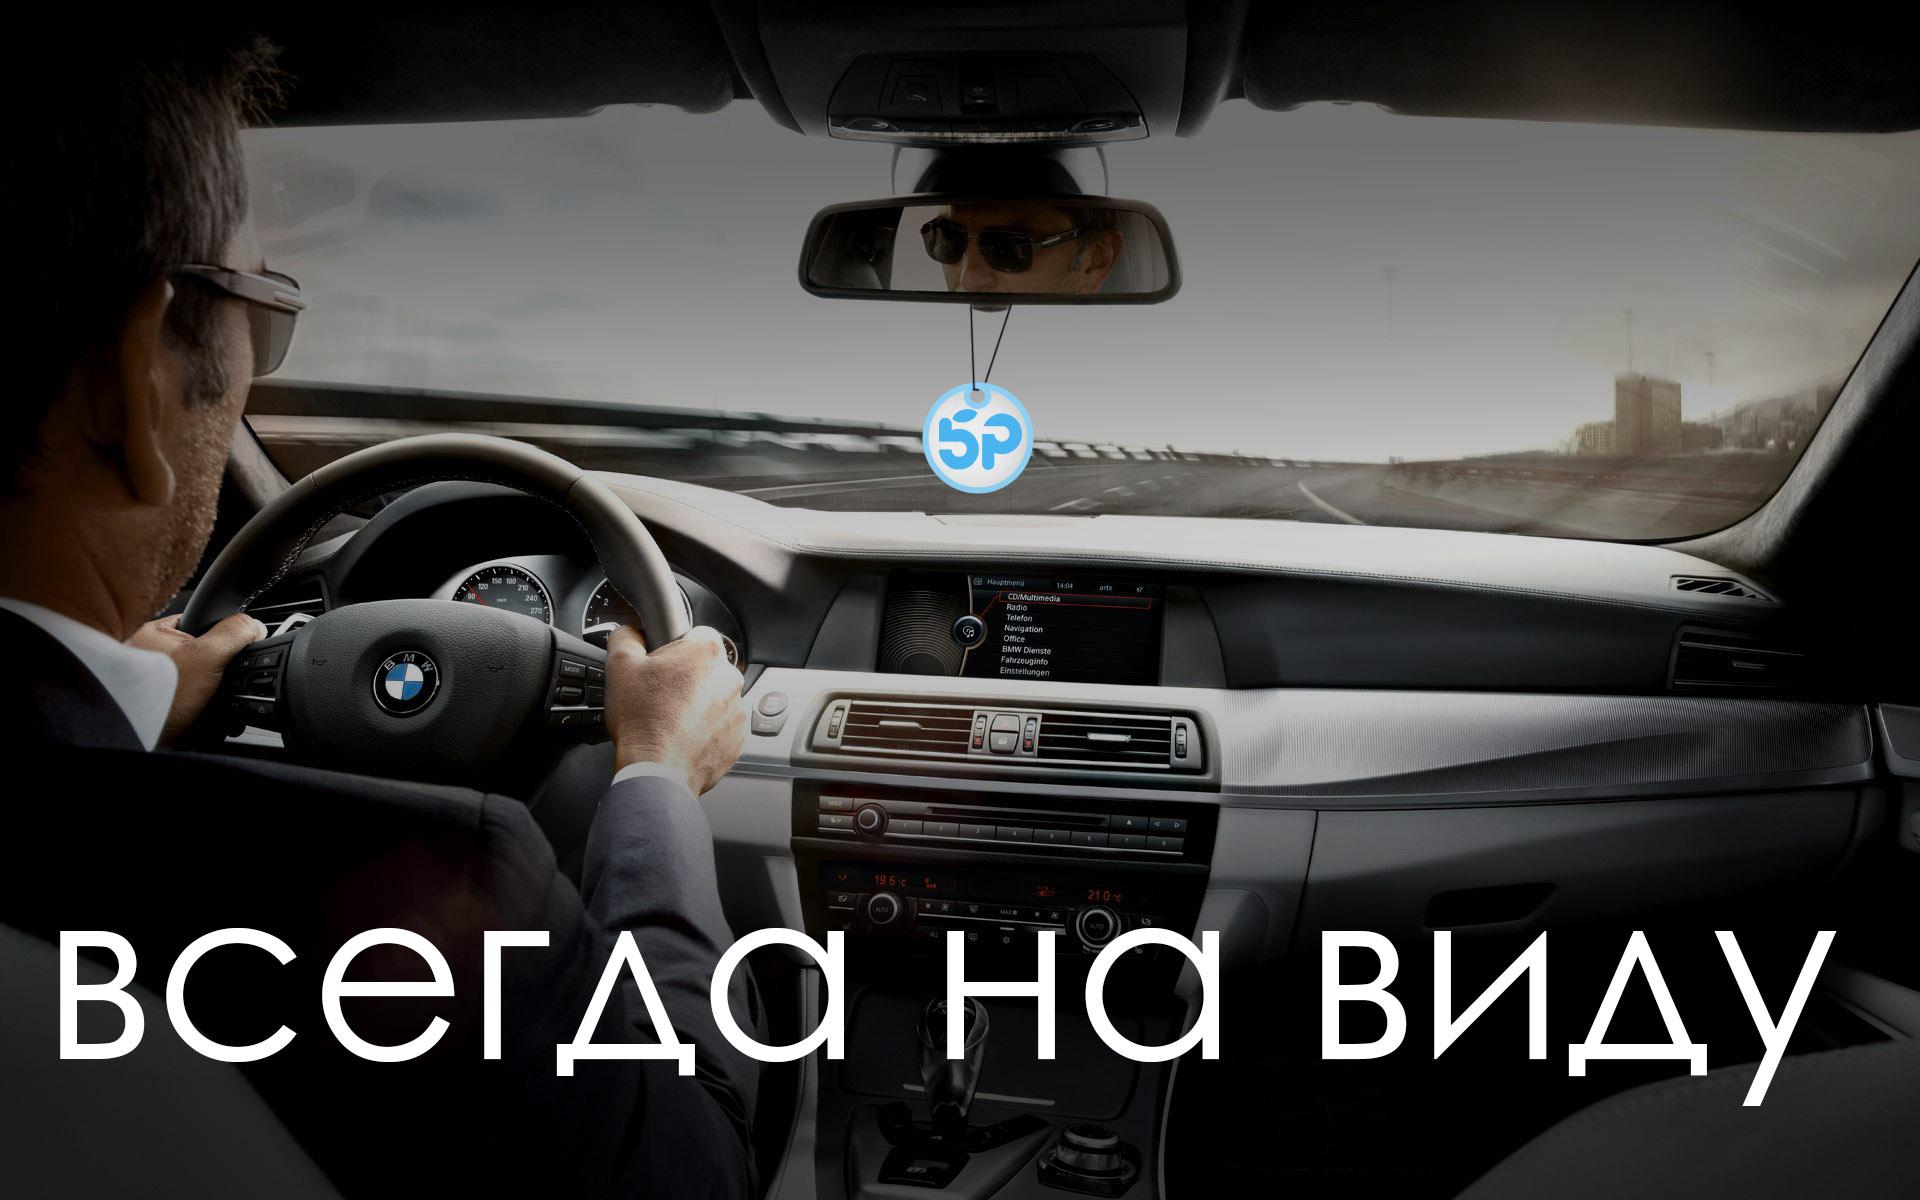 ароматизатор воздуха подвисной с печатью логотипа сувенирная продукция, вид от водителя на лобовое стекло five promotion рекламное агентство 5р 5p освежитель воздуха